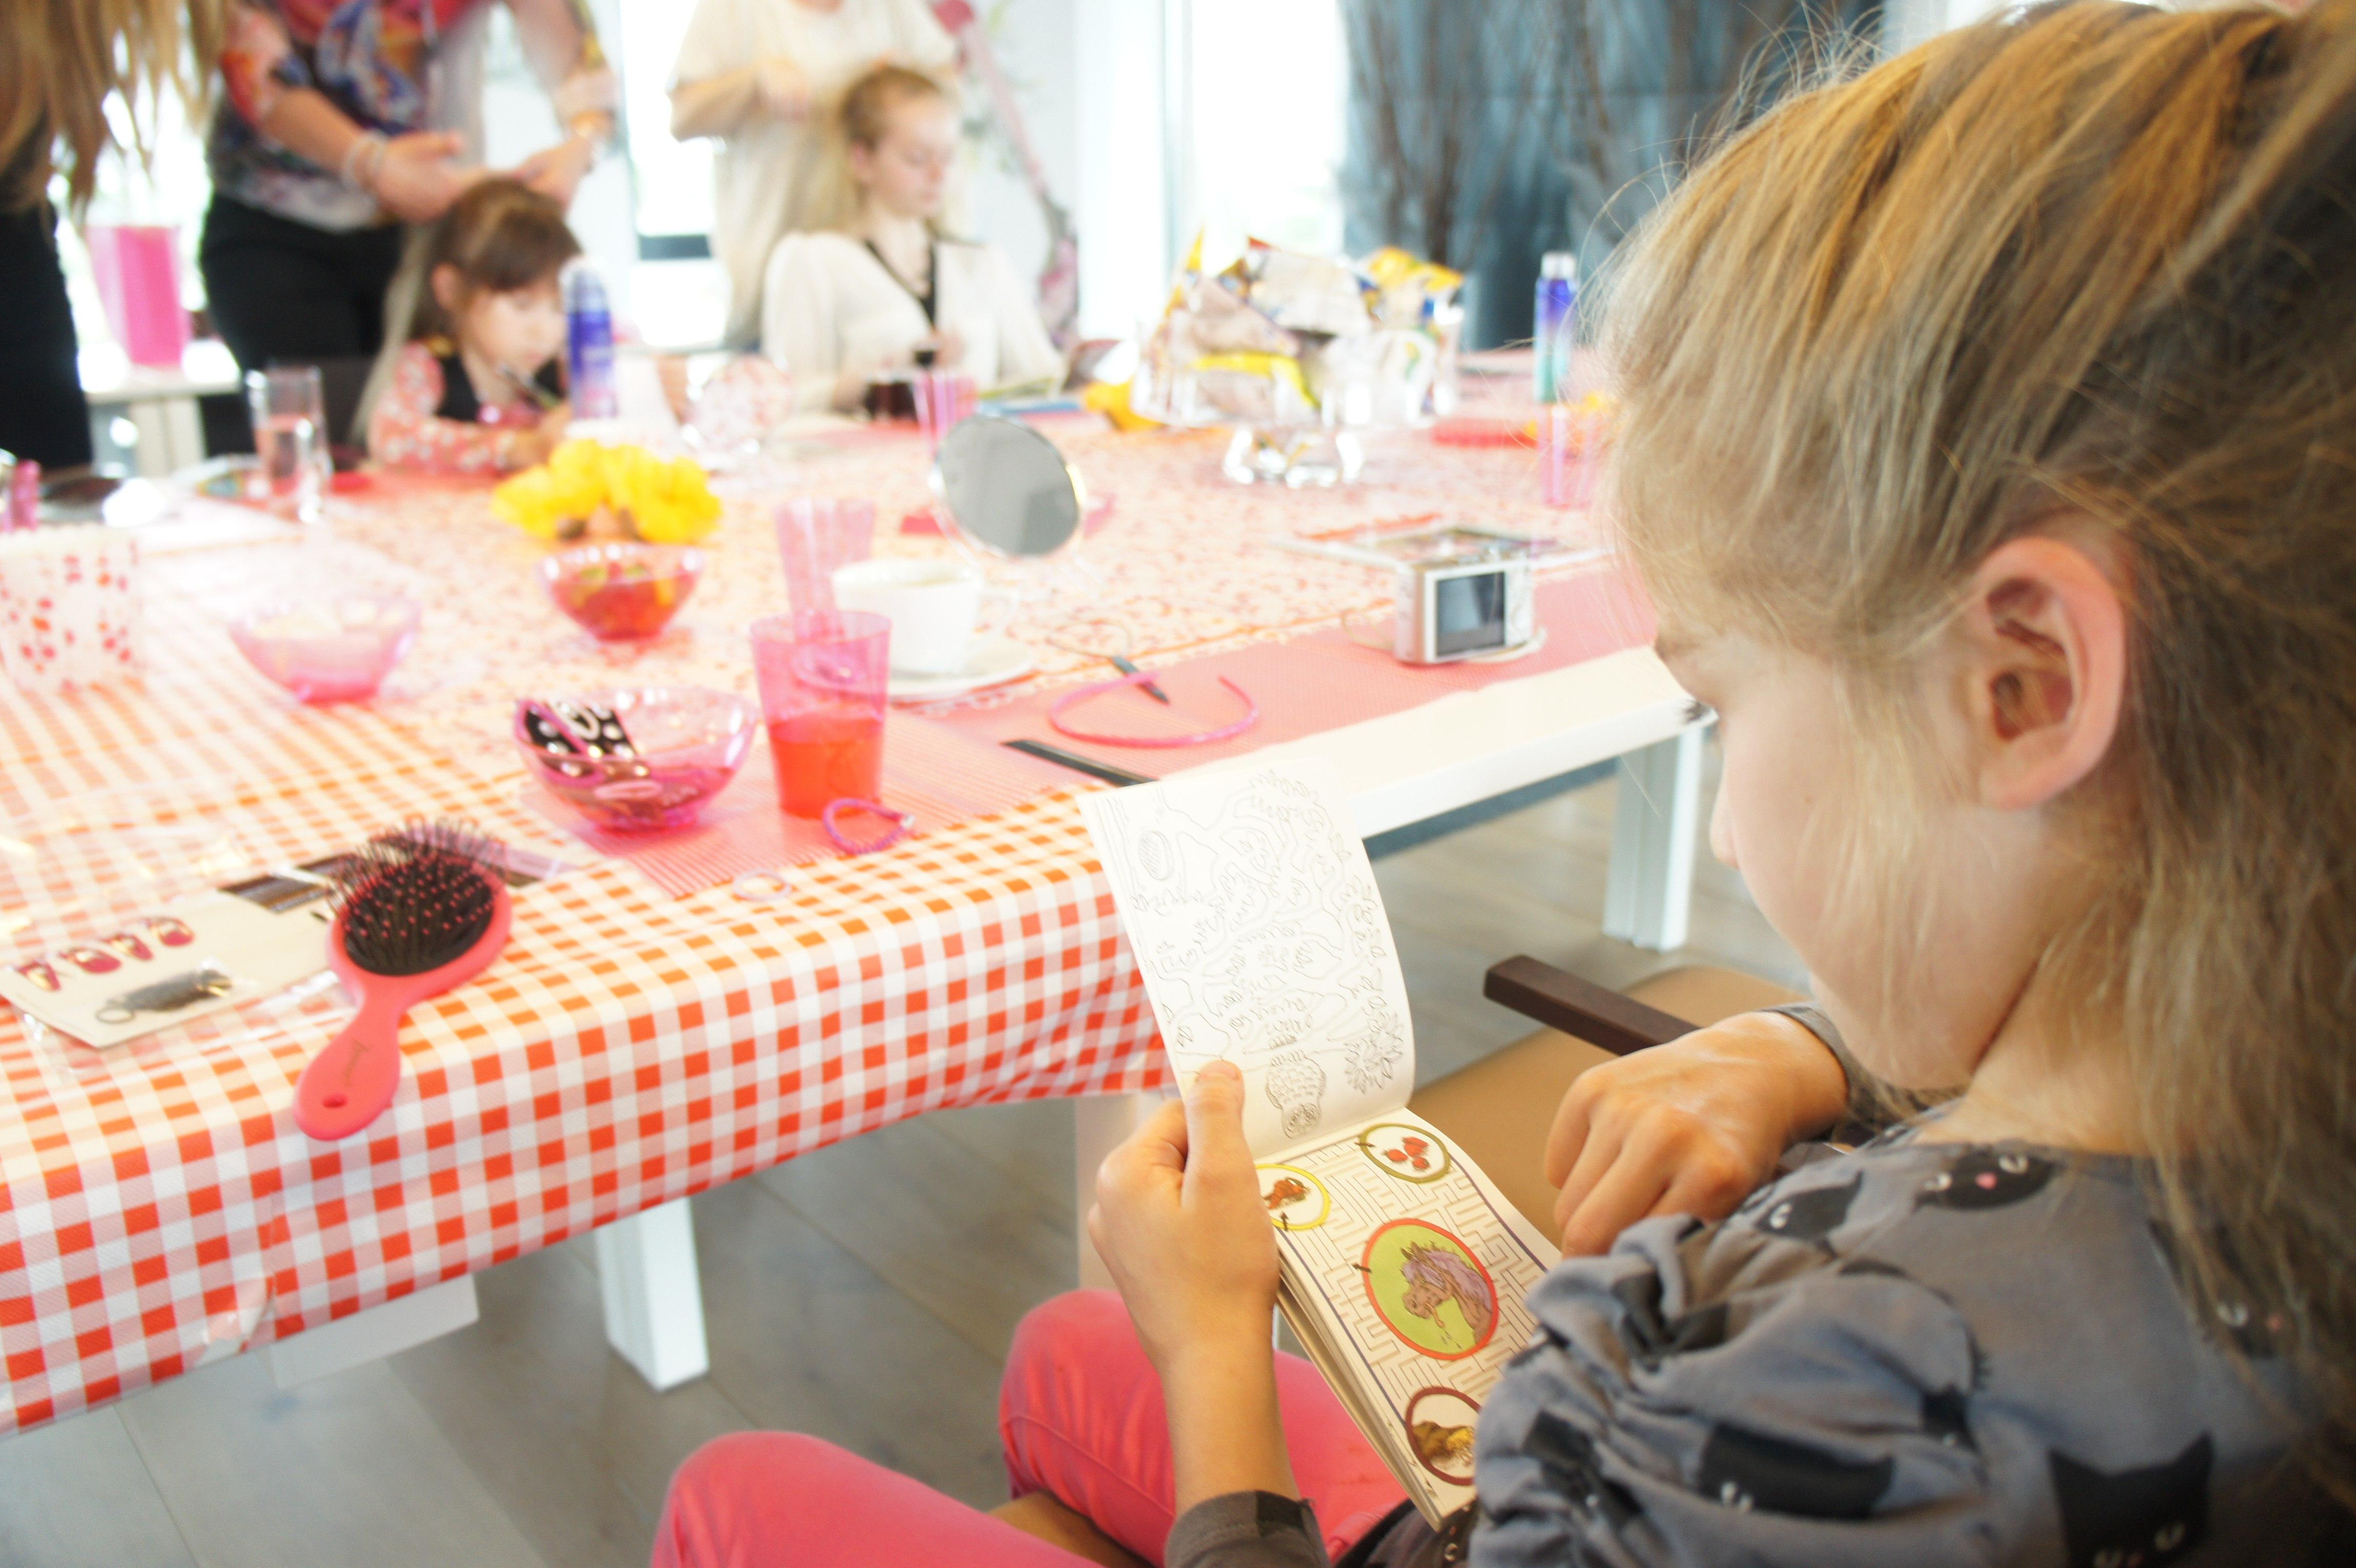 Workshop haren vlechten verslag trotsemoeders magazine voor moeders door moeders - Tafel roze kind ...